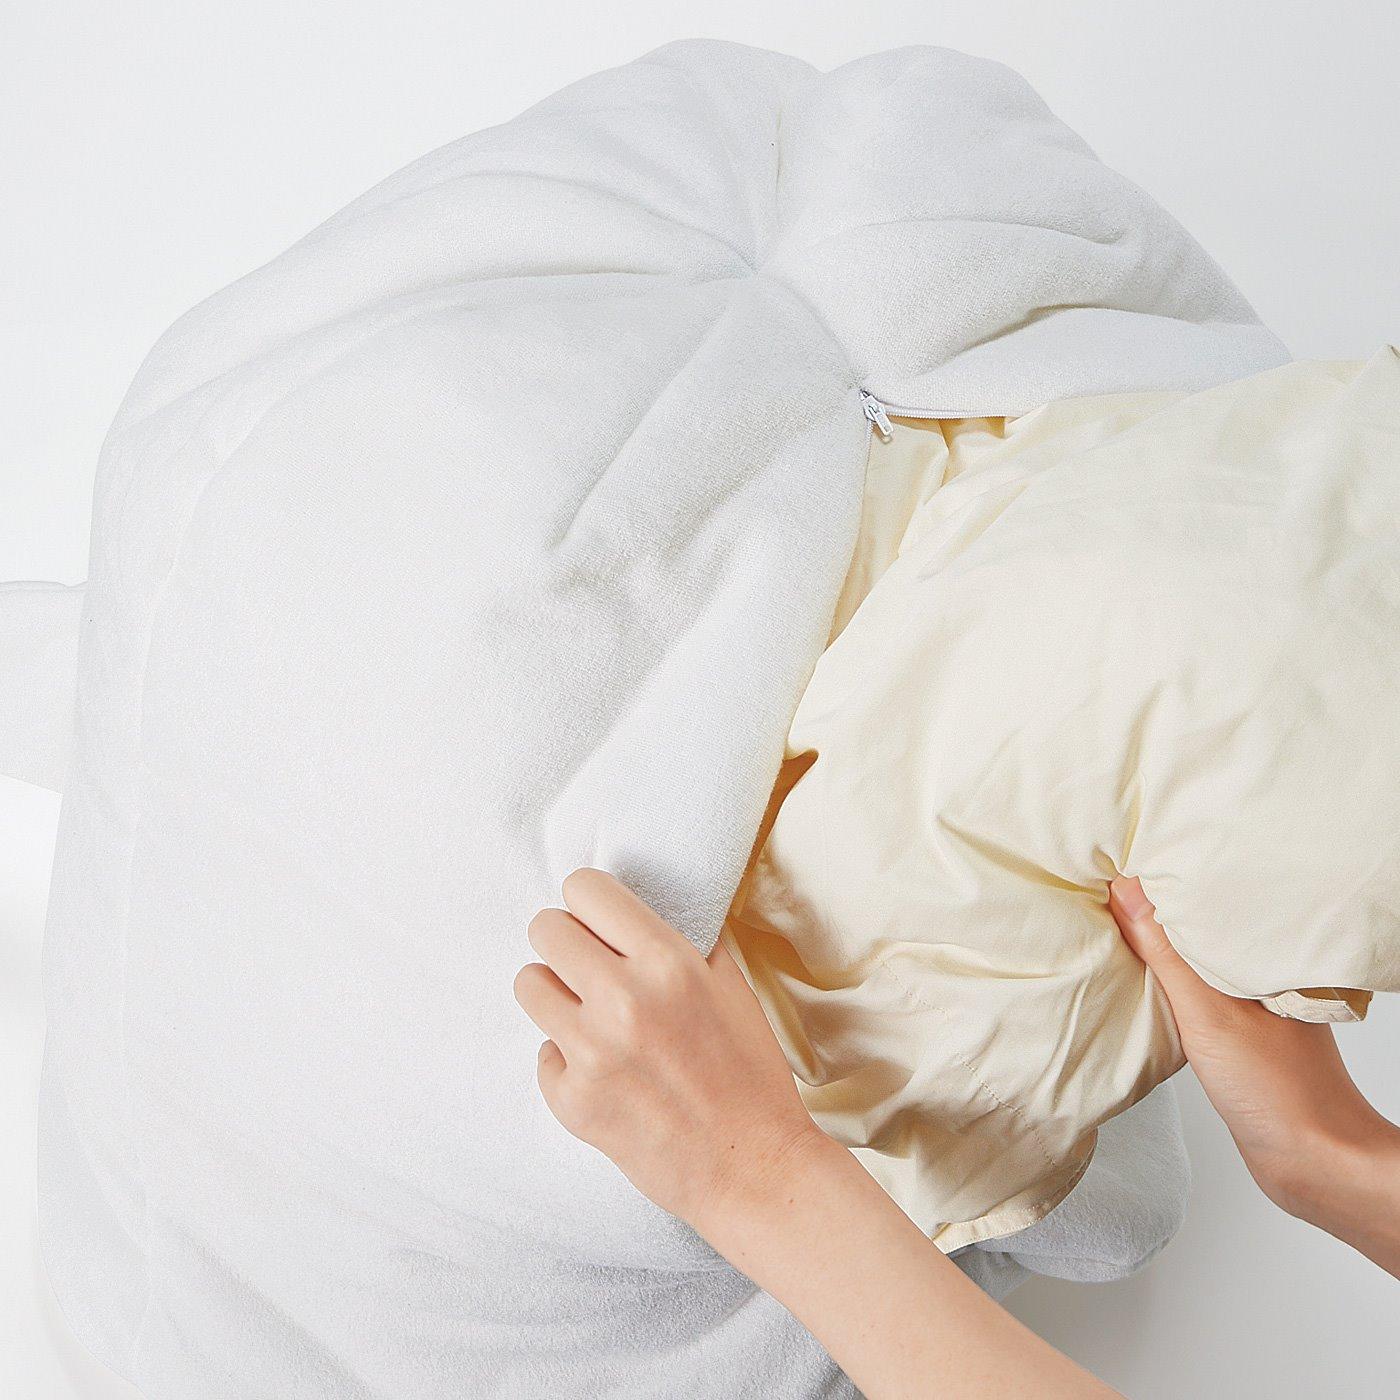 シングル掛け布団が約1枚入るサイズ。春夏の衣類やブランケットの収納にもおすすめ! たっぷり入ります。